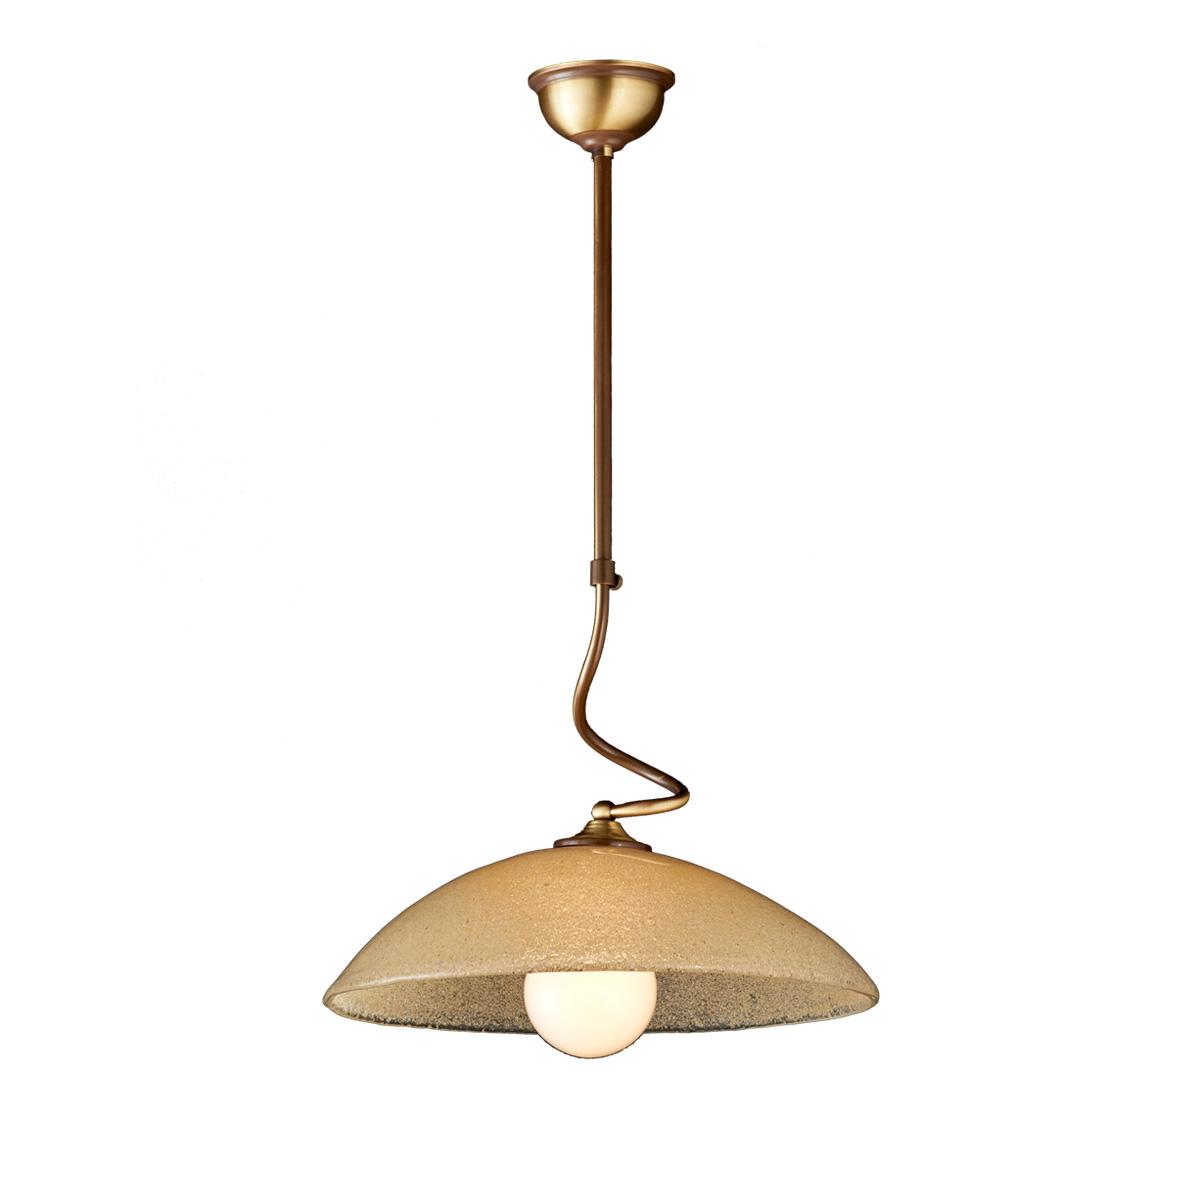 Κλασικό κρεμαστό φωτιστικό Μουράνο μελί ΝΑΞΟΣ-1 classic suspension lamp with Murano crystal